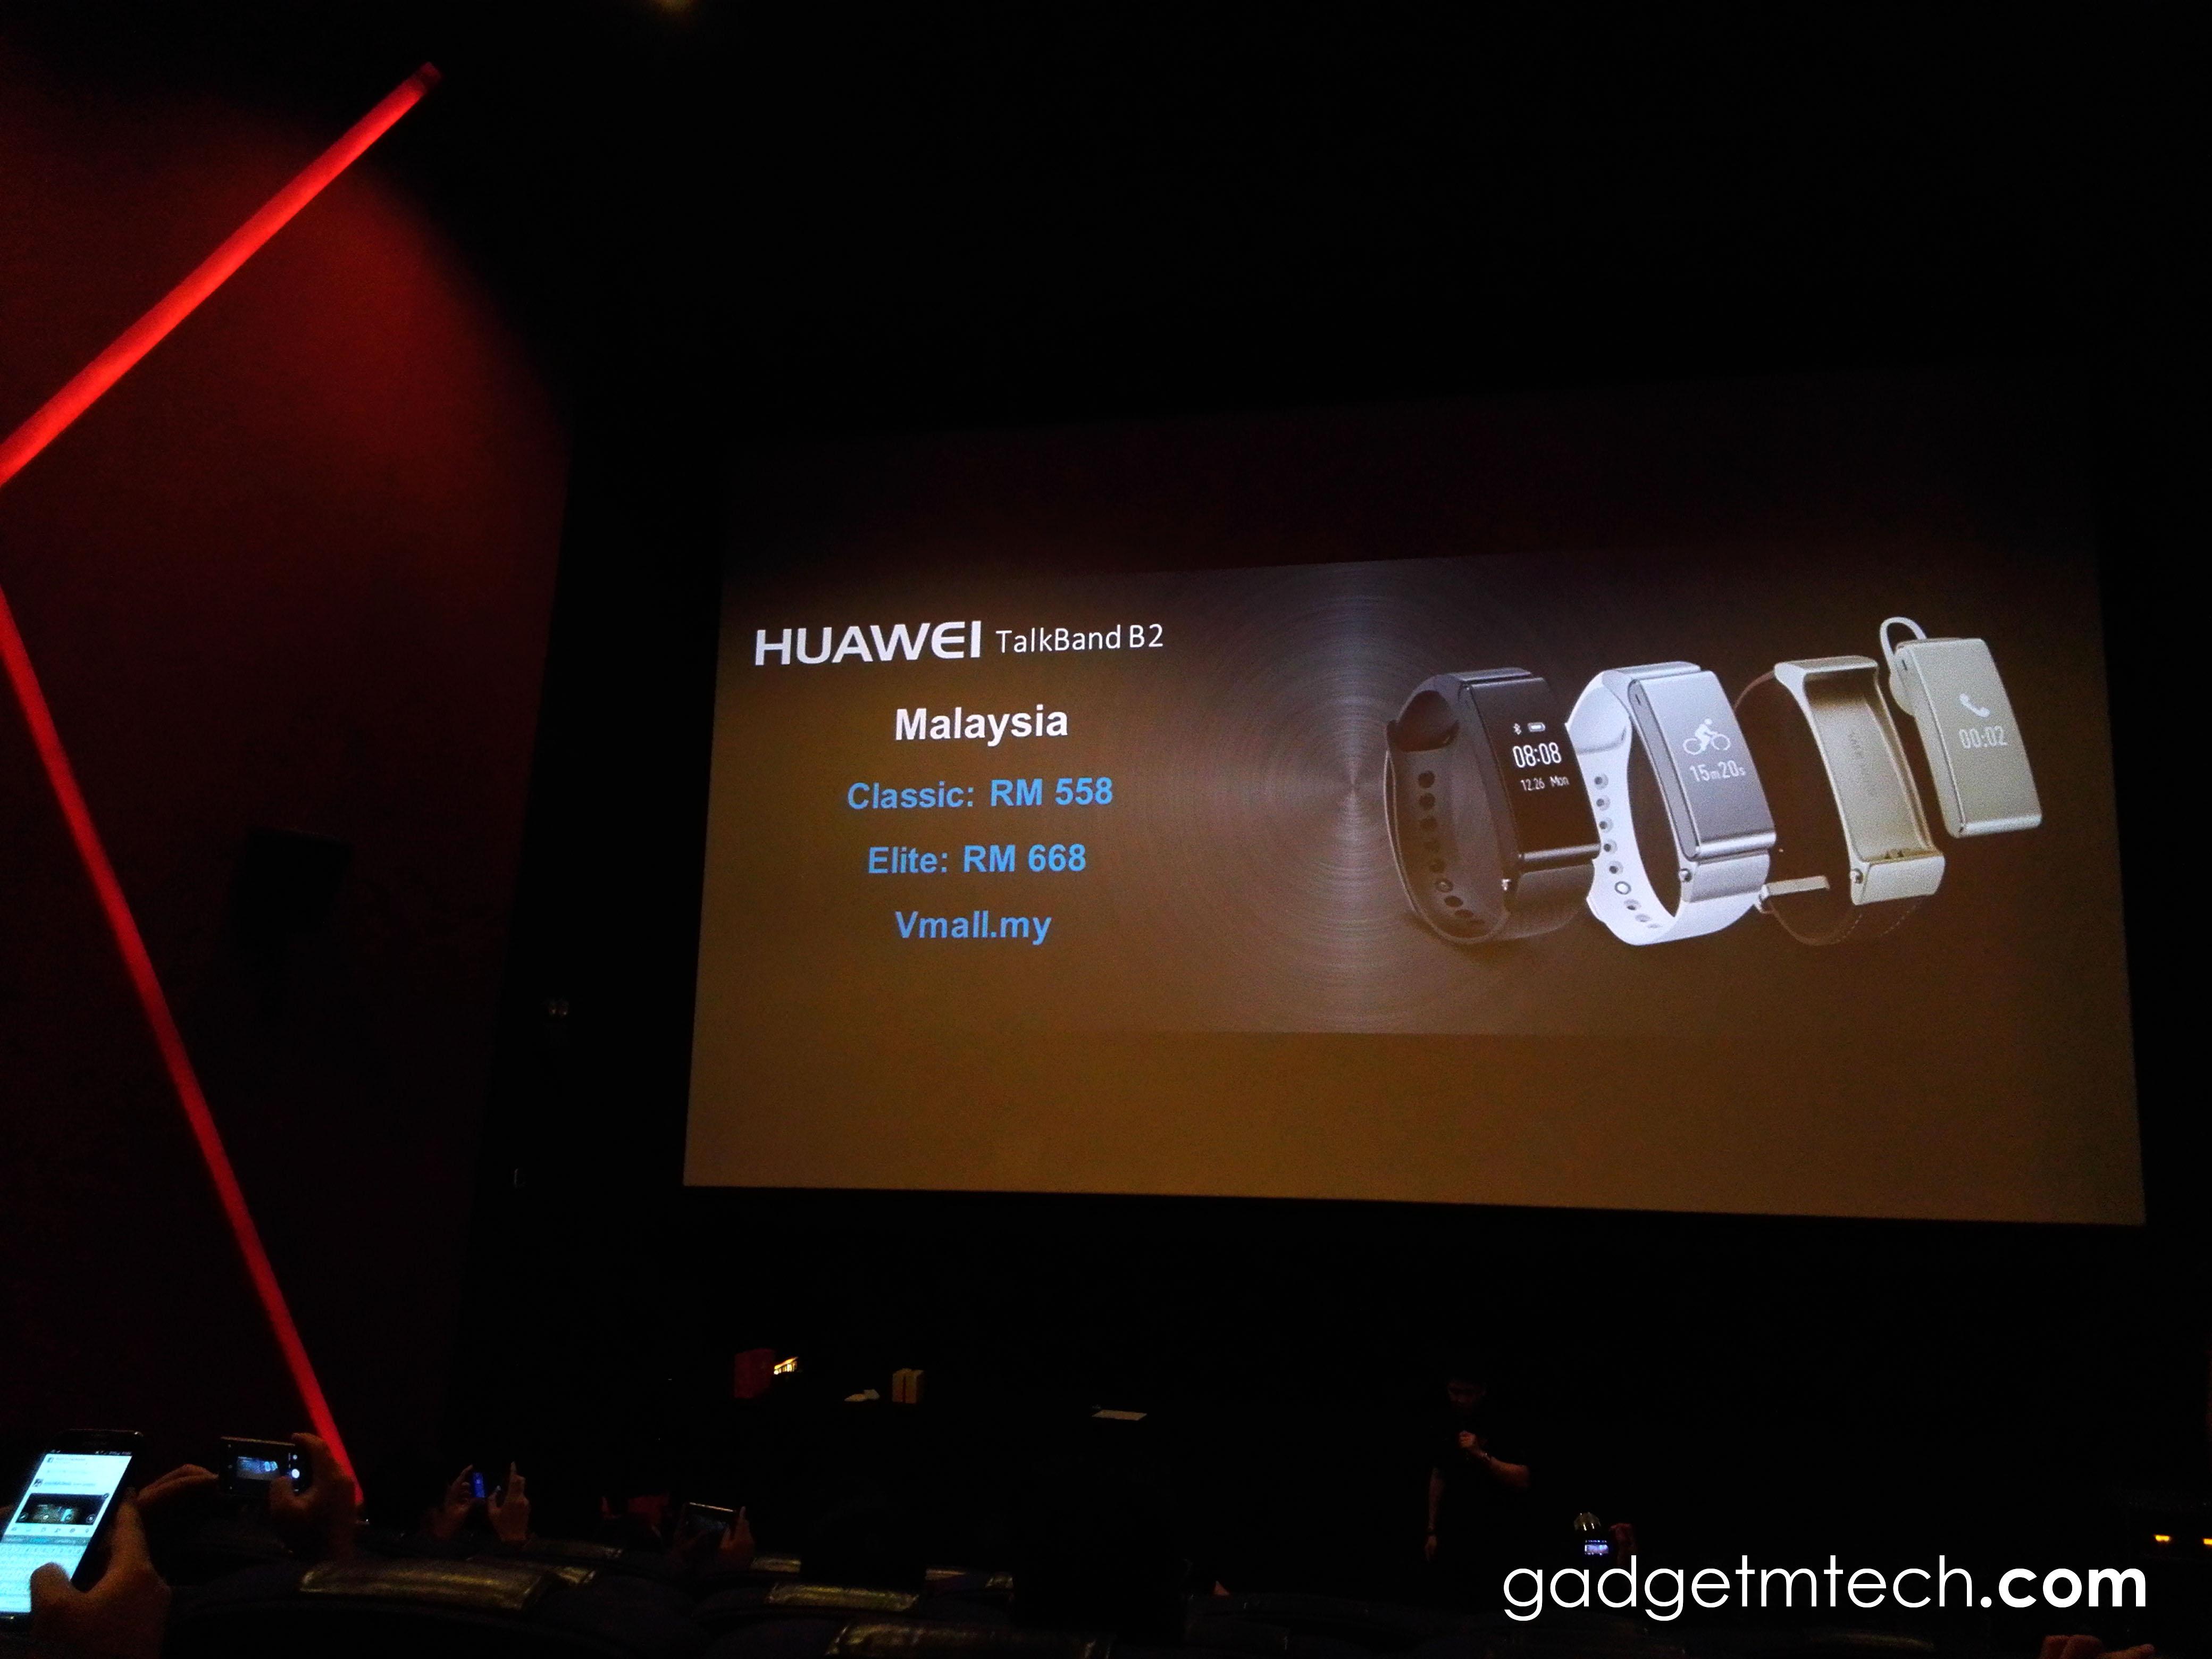 Huawei TalkBand B2 Price